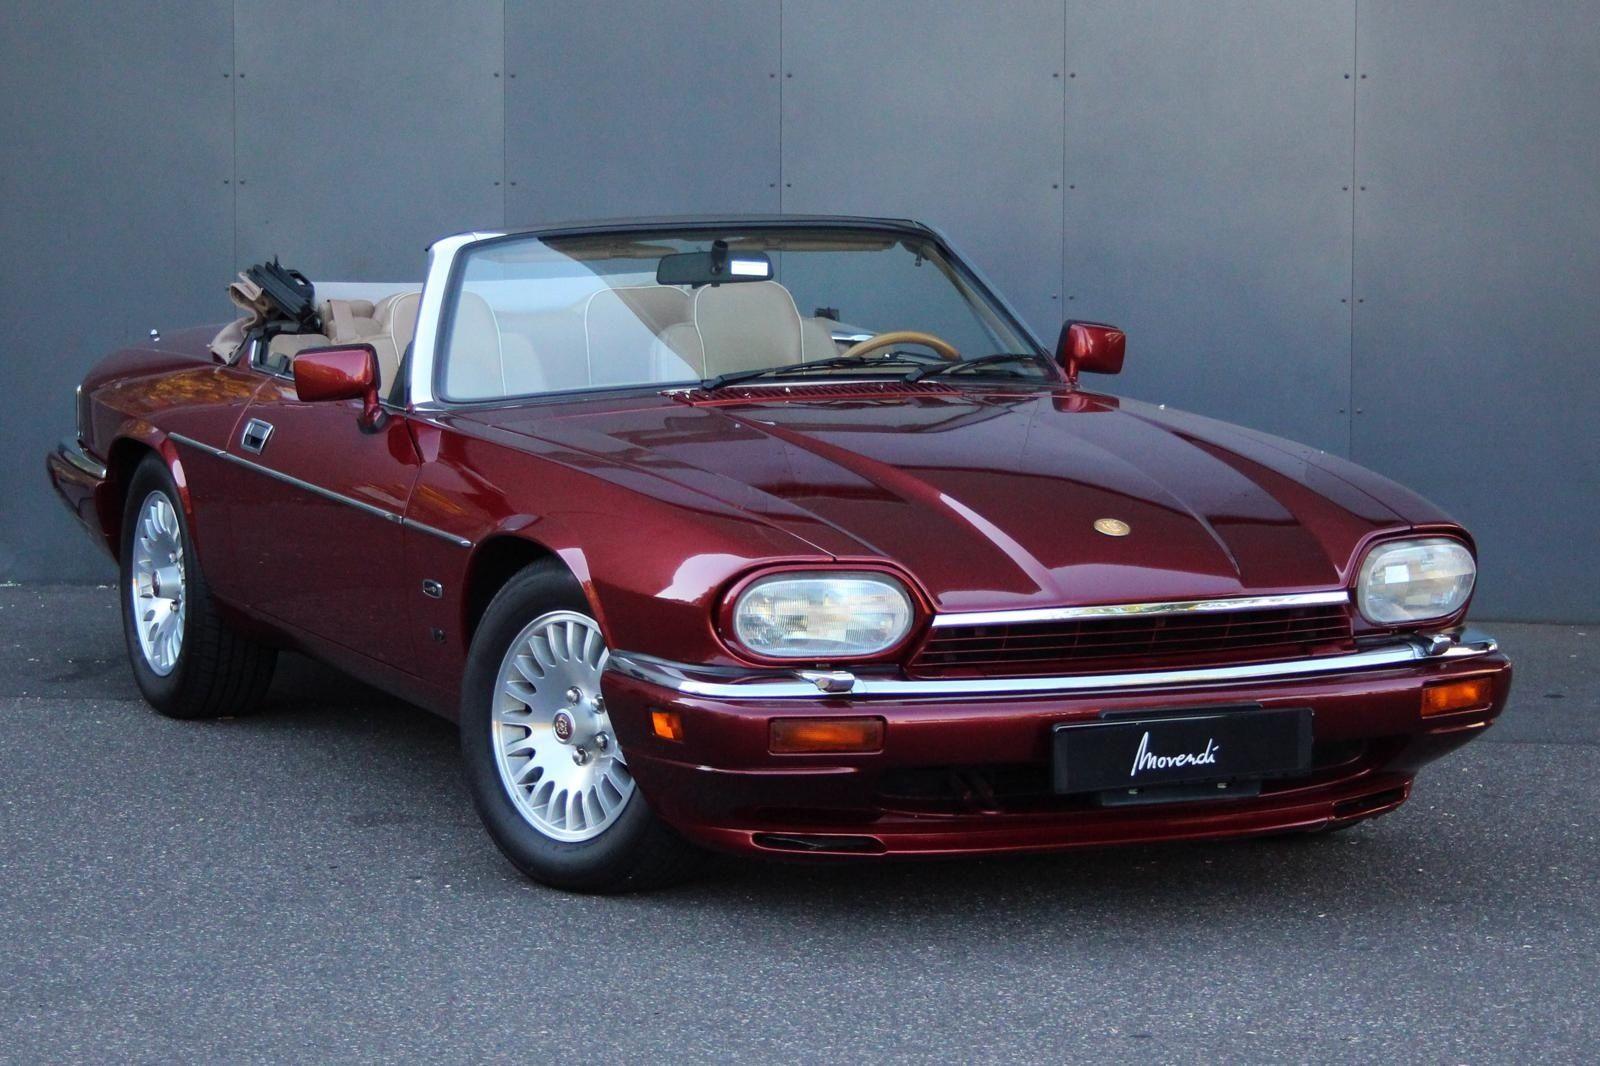 1995 Jaguar XJS V12 6.0 Convertible Classic Driver